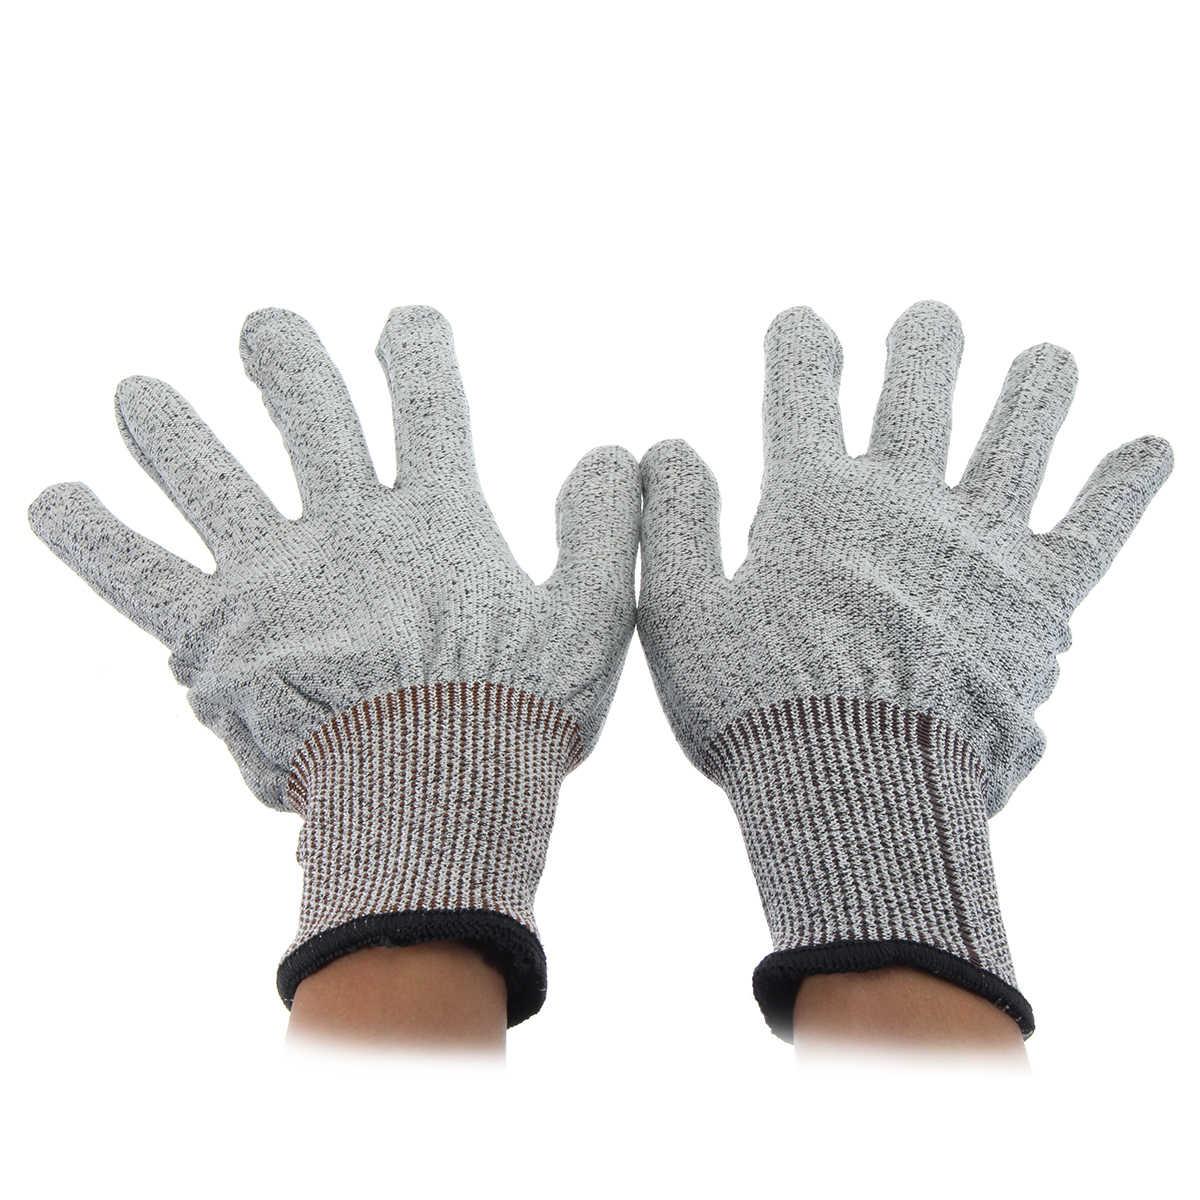 Безопасность устойчивые к порезам Stab устойчивы Нержавеющаясталь проволочная металлическая сетка ПЕРЧАТКИ МЯСНИКА порезостойкие защитные перчатки